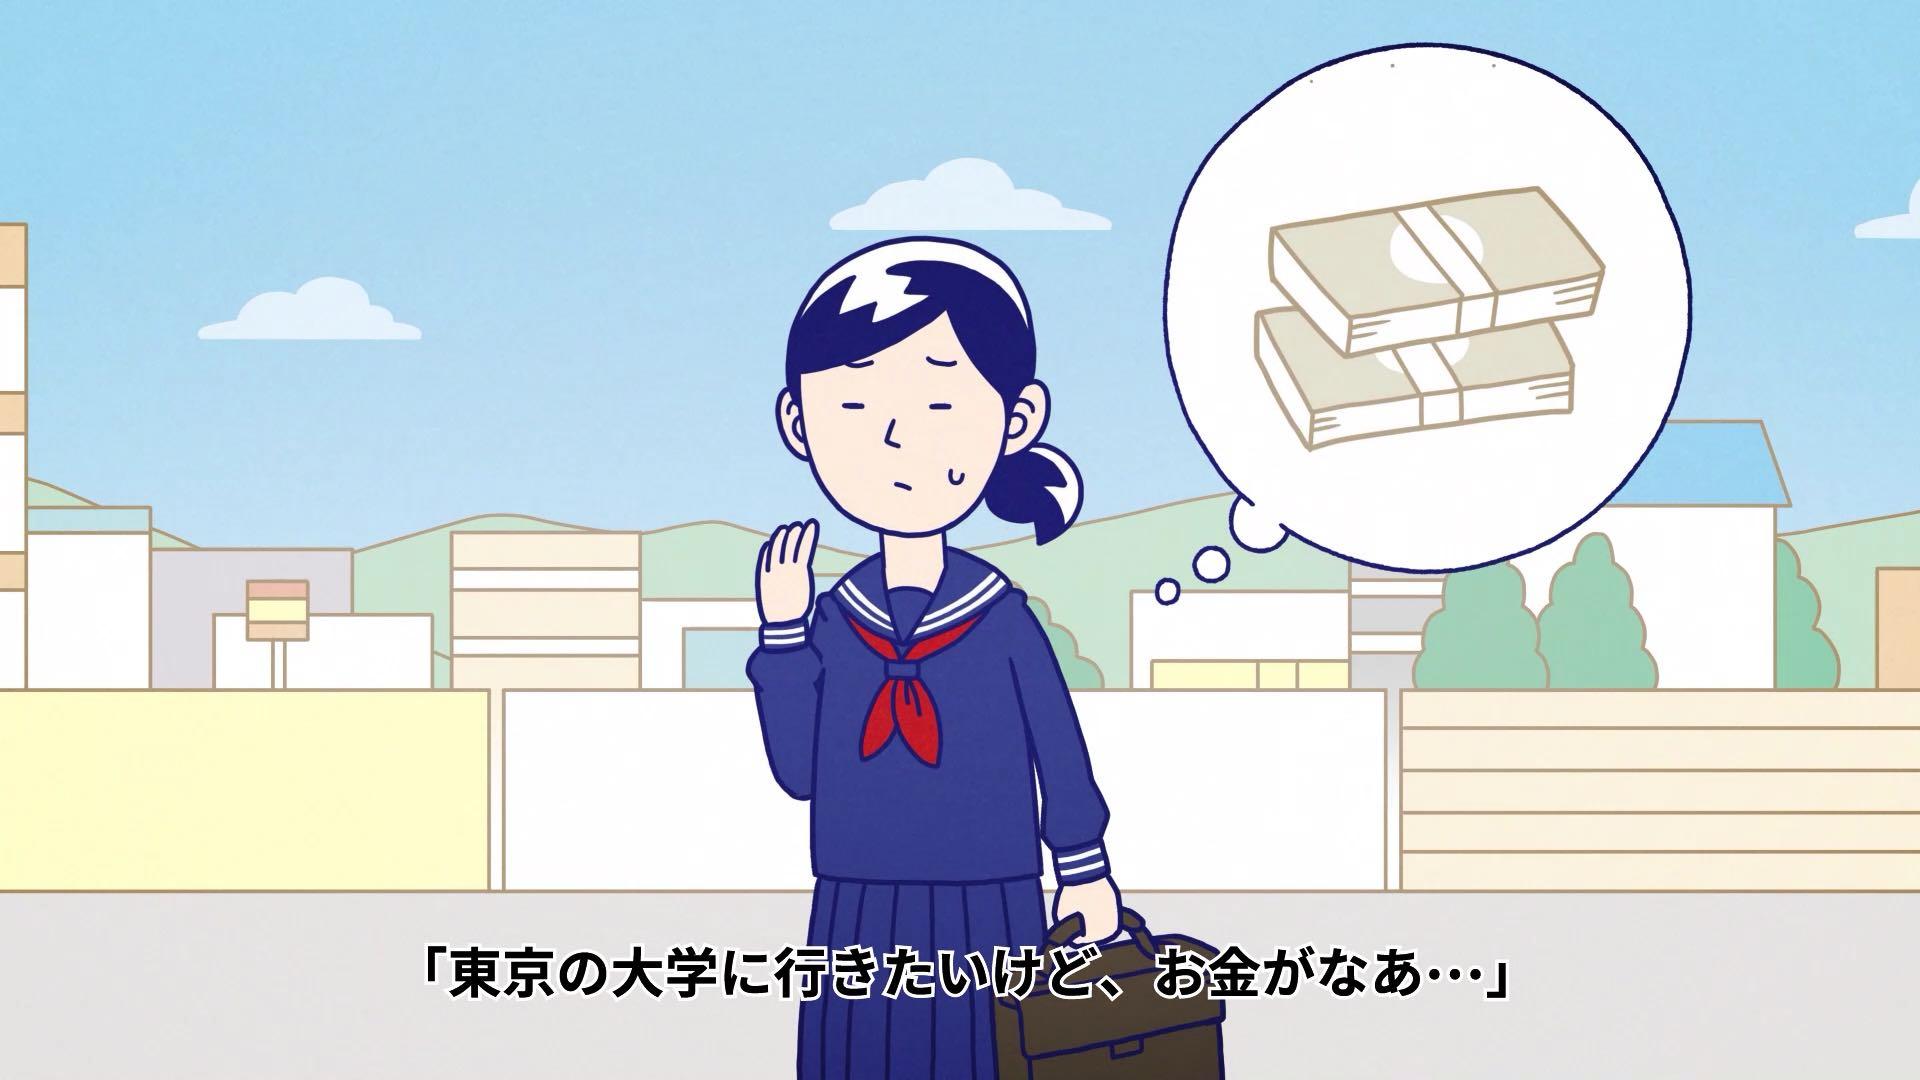 東京の大学に行きたい高校生